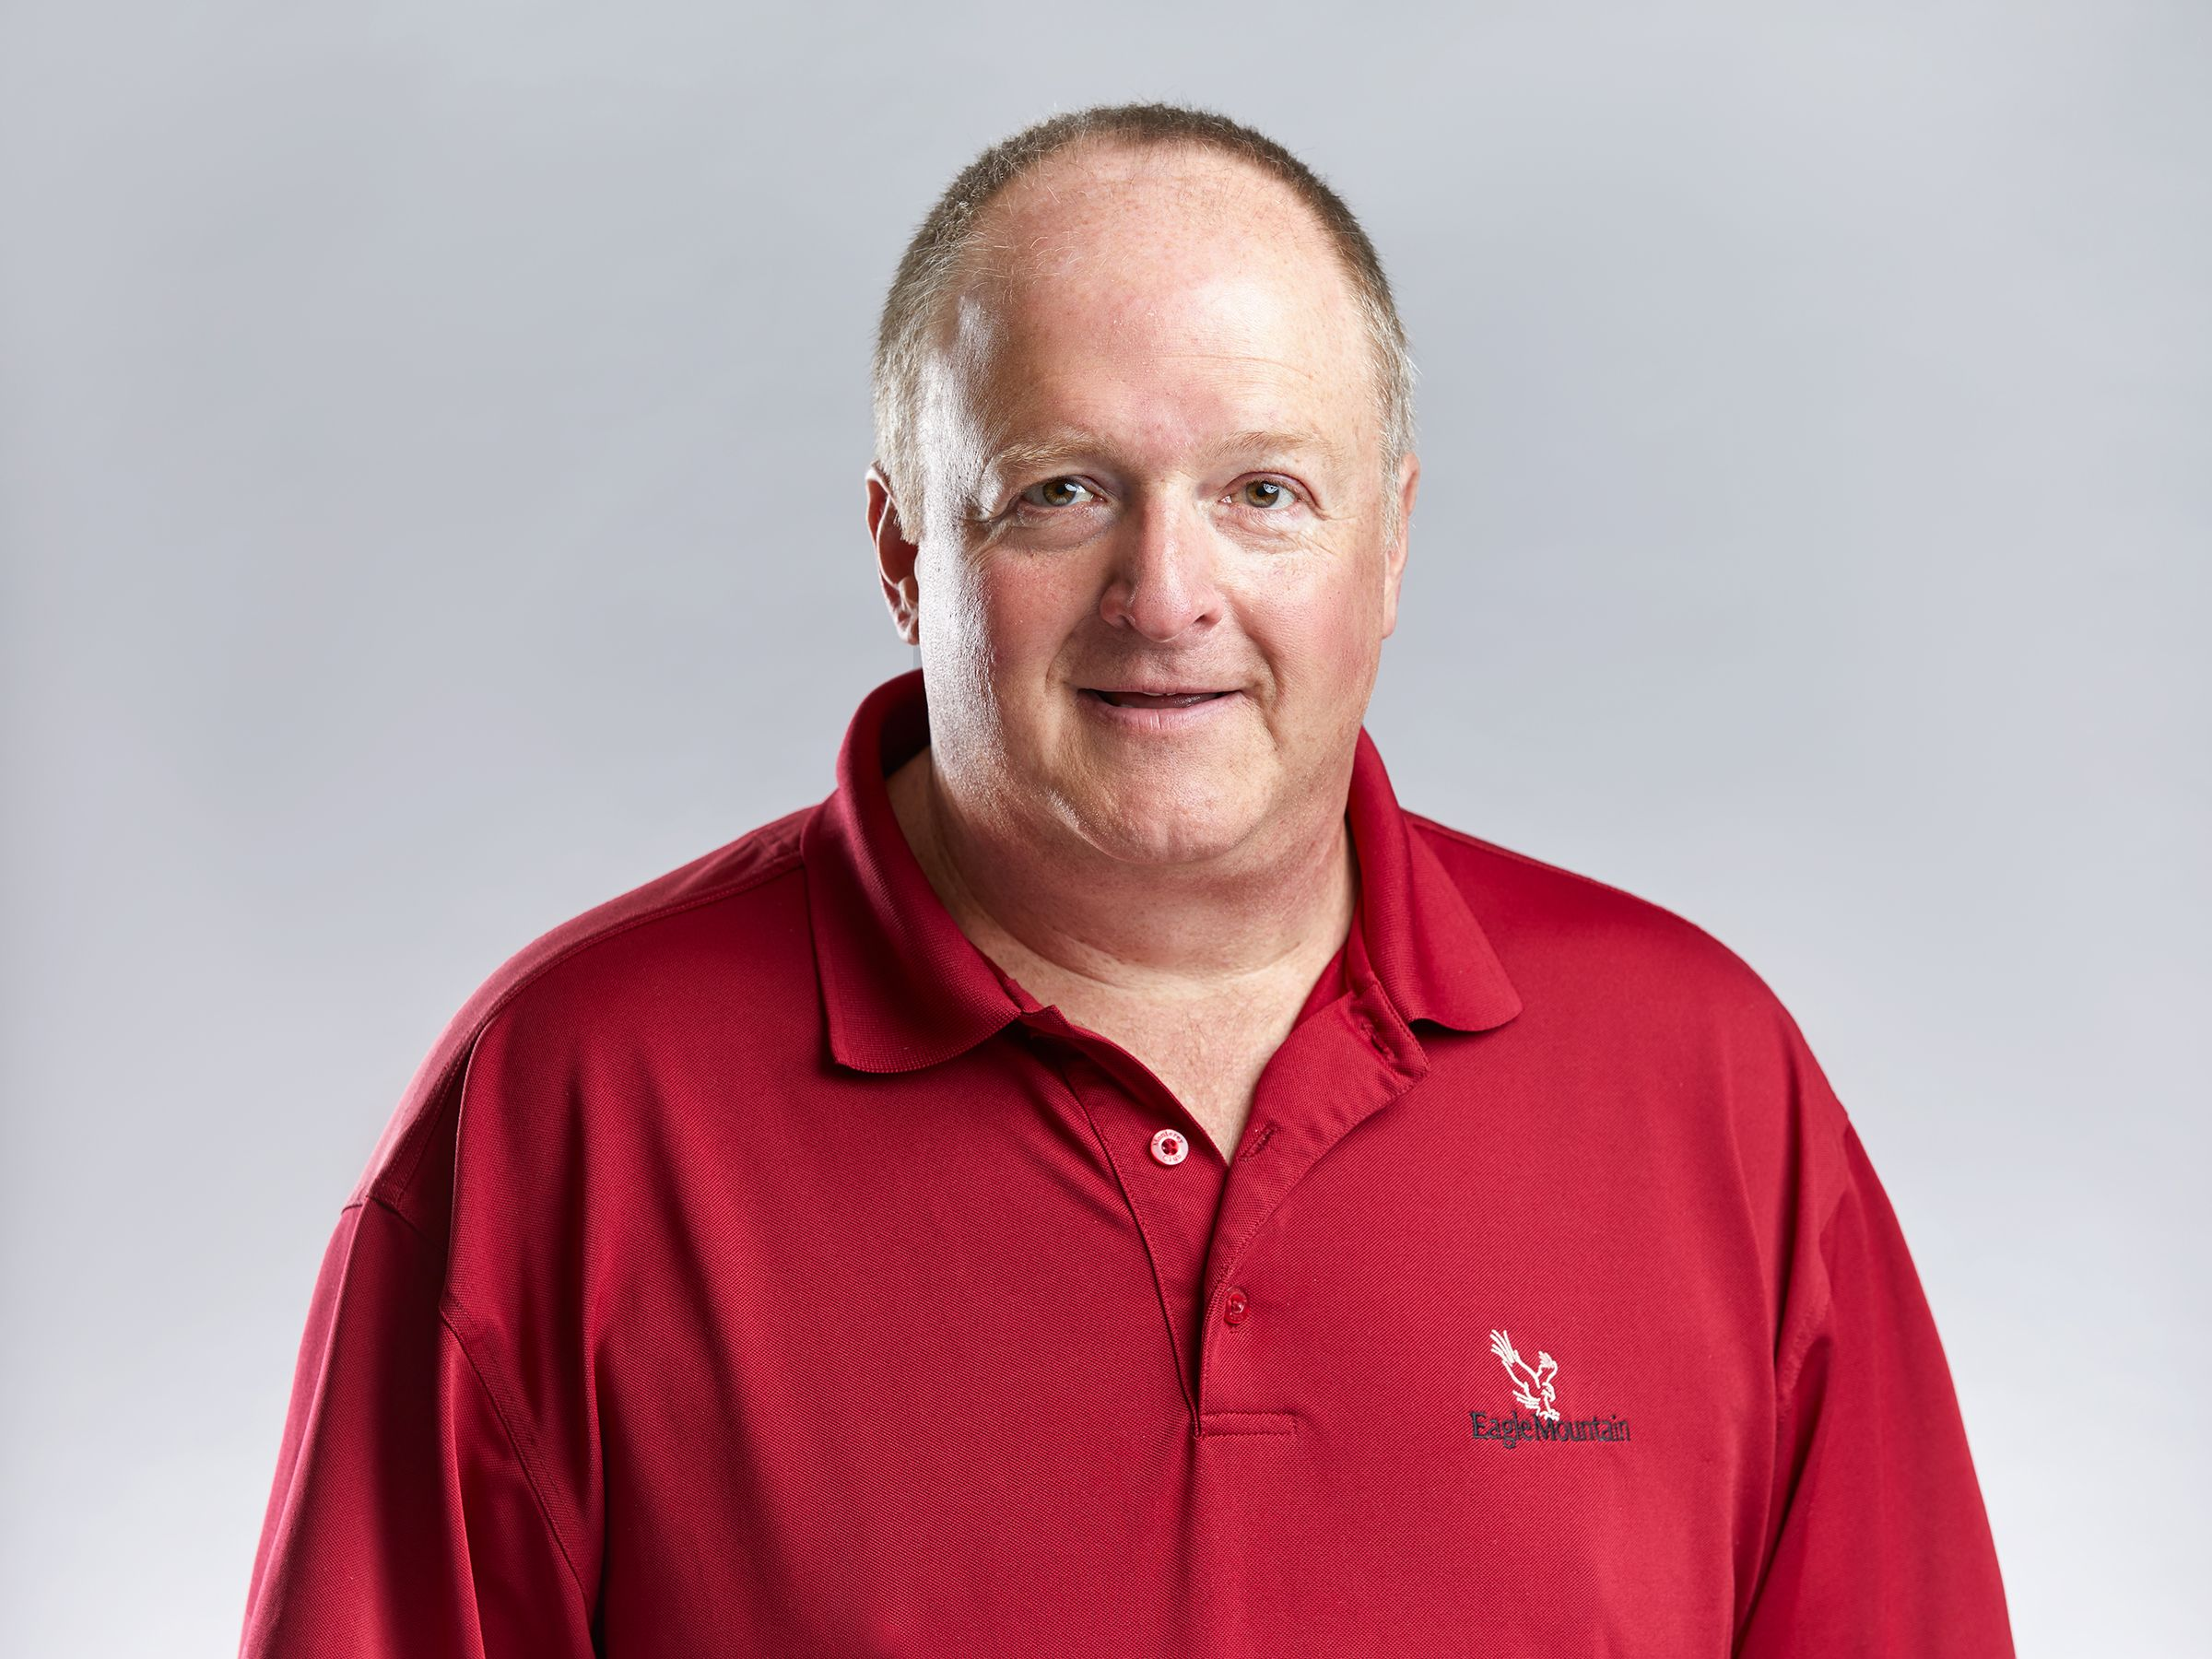 Kevin McGhay